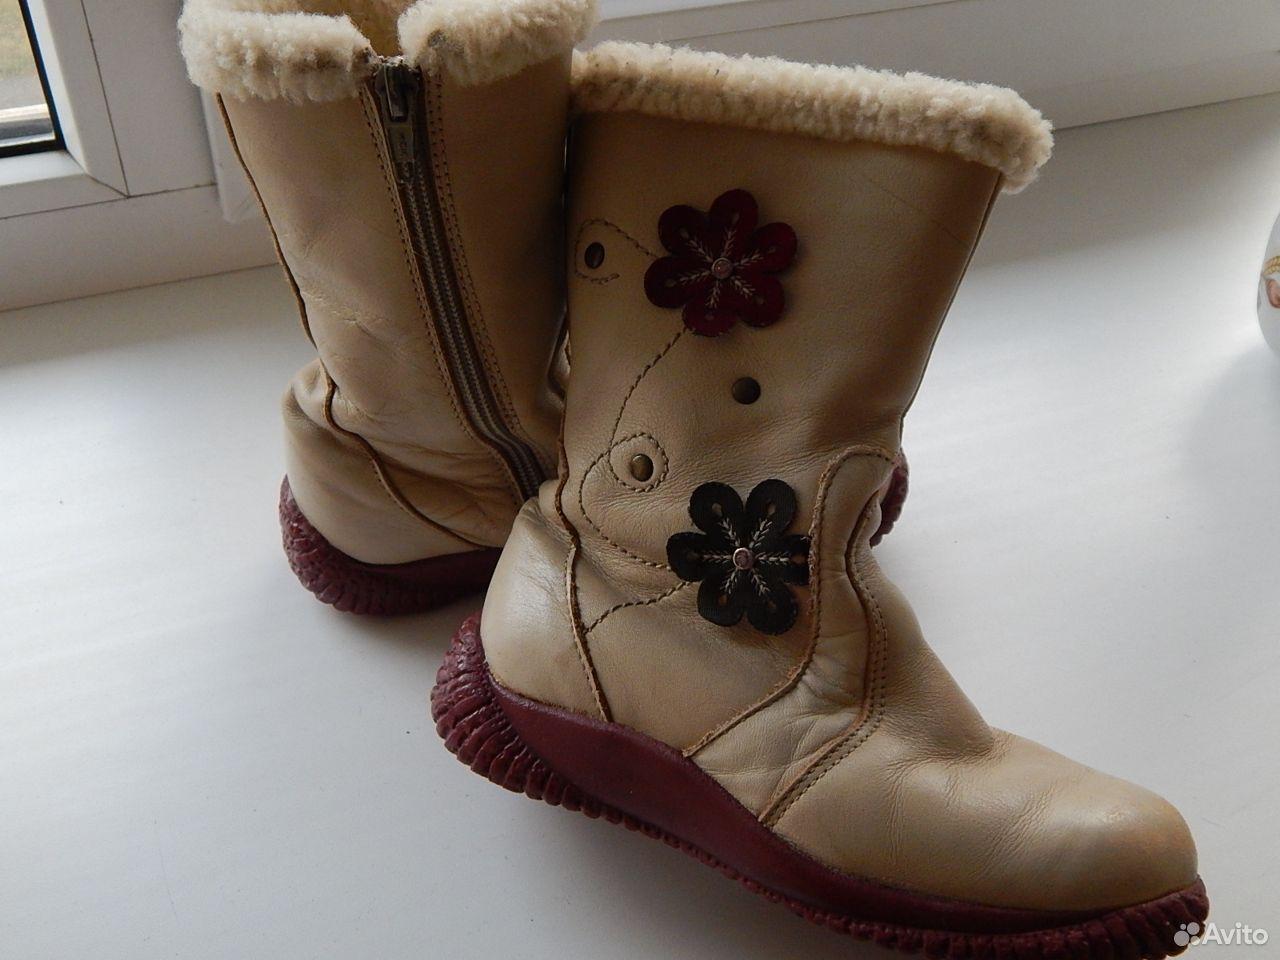 Сапоги кожаные, теплые  89614983783 купить 3